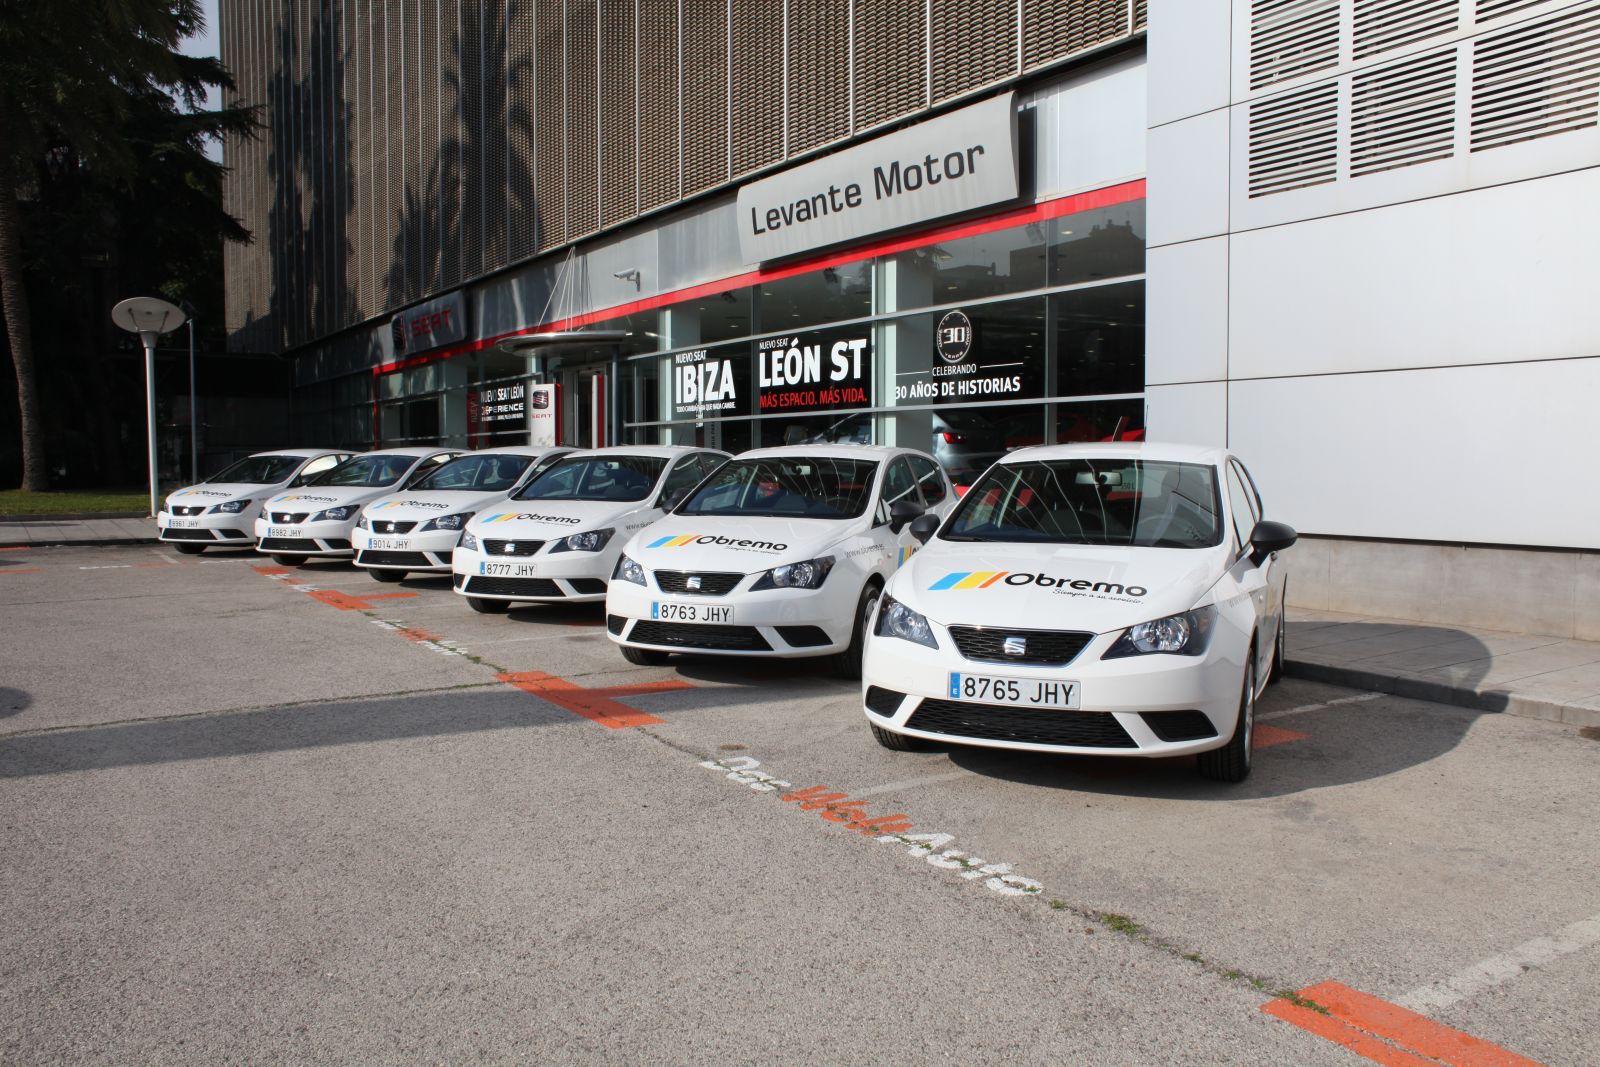 Flota de vehículos en renting de la empresa de servicios Obremo, en Valencia. // FOTOGRAFÍA: OBREMO